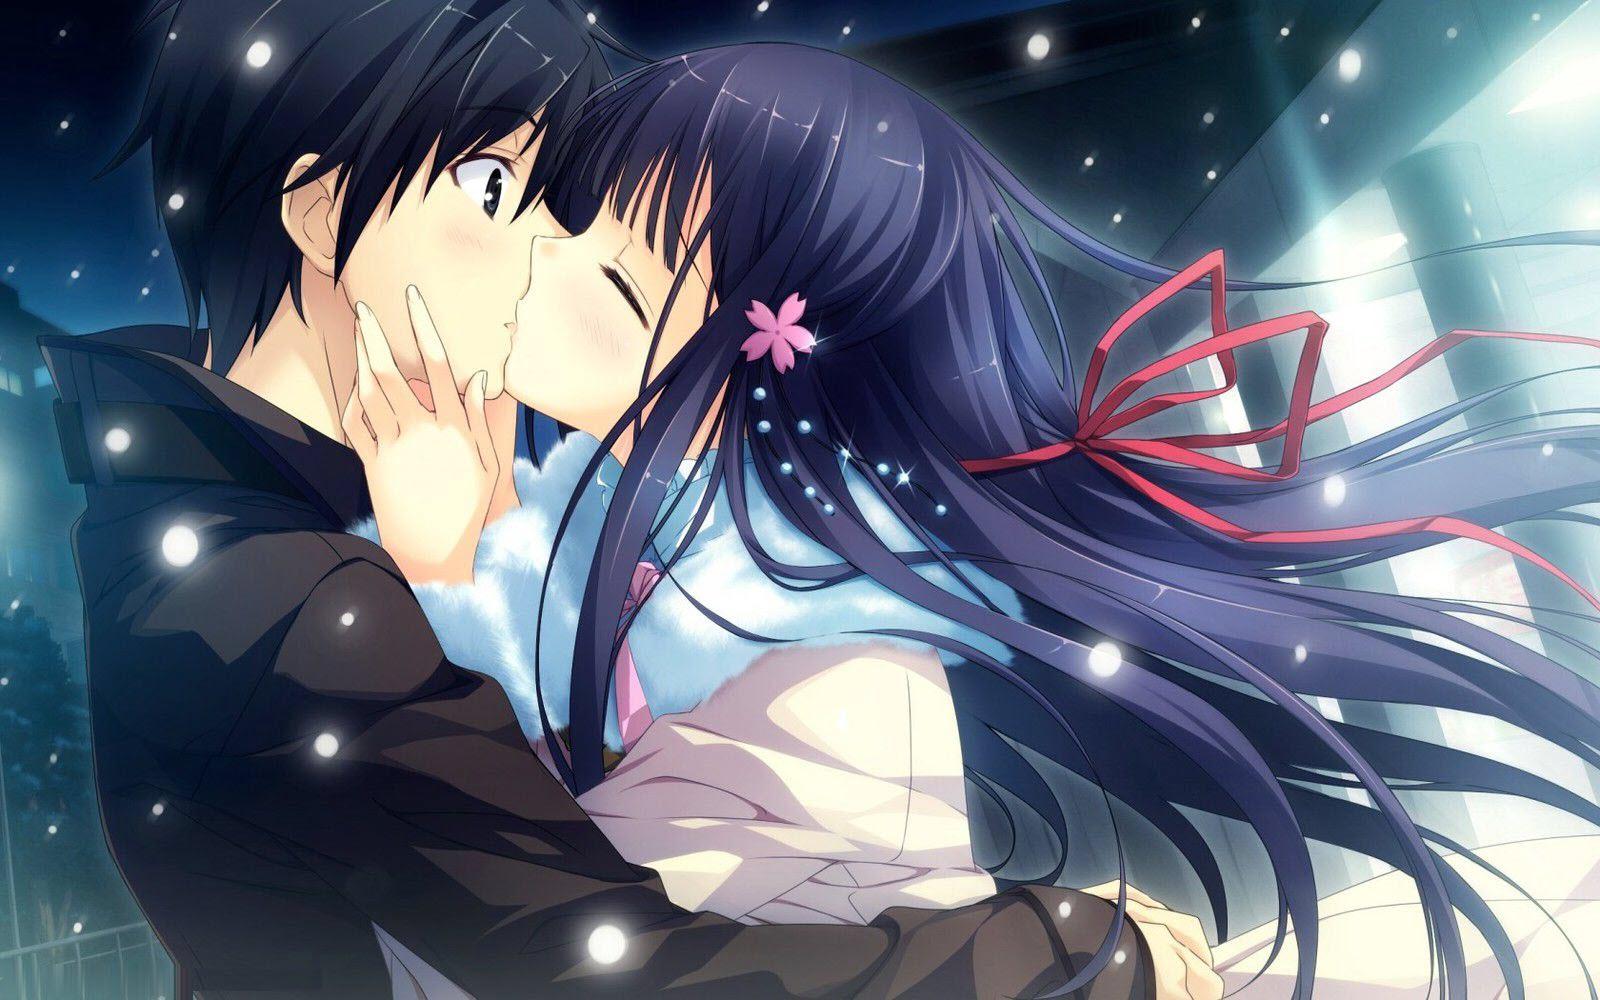 Ảnh couple anime mùa đông